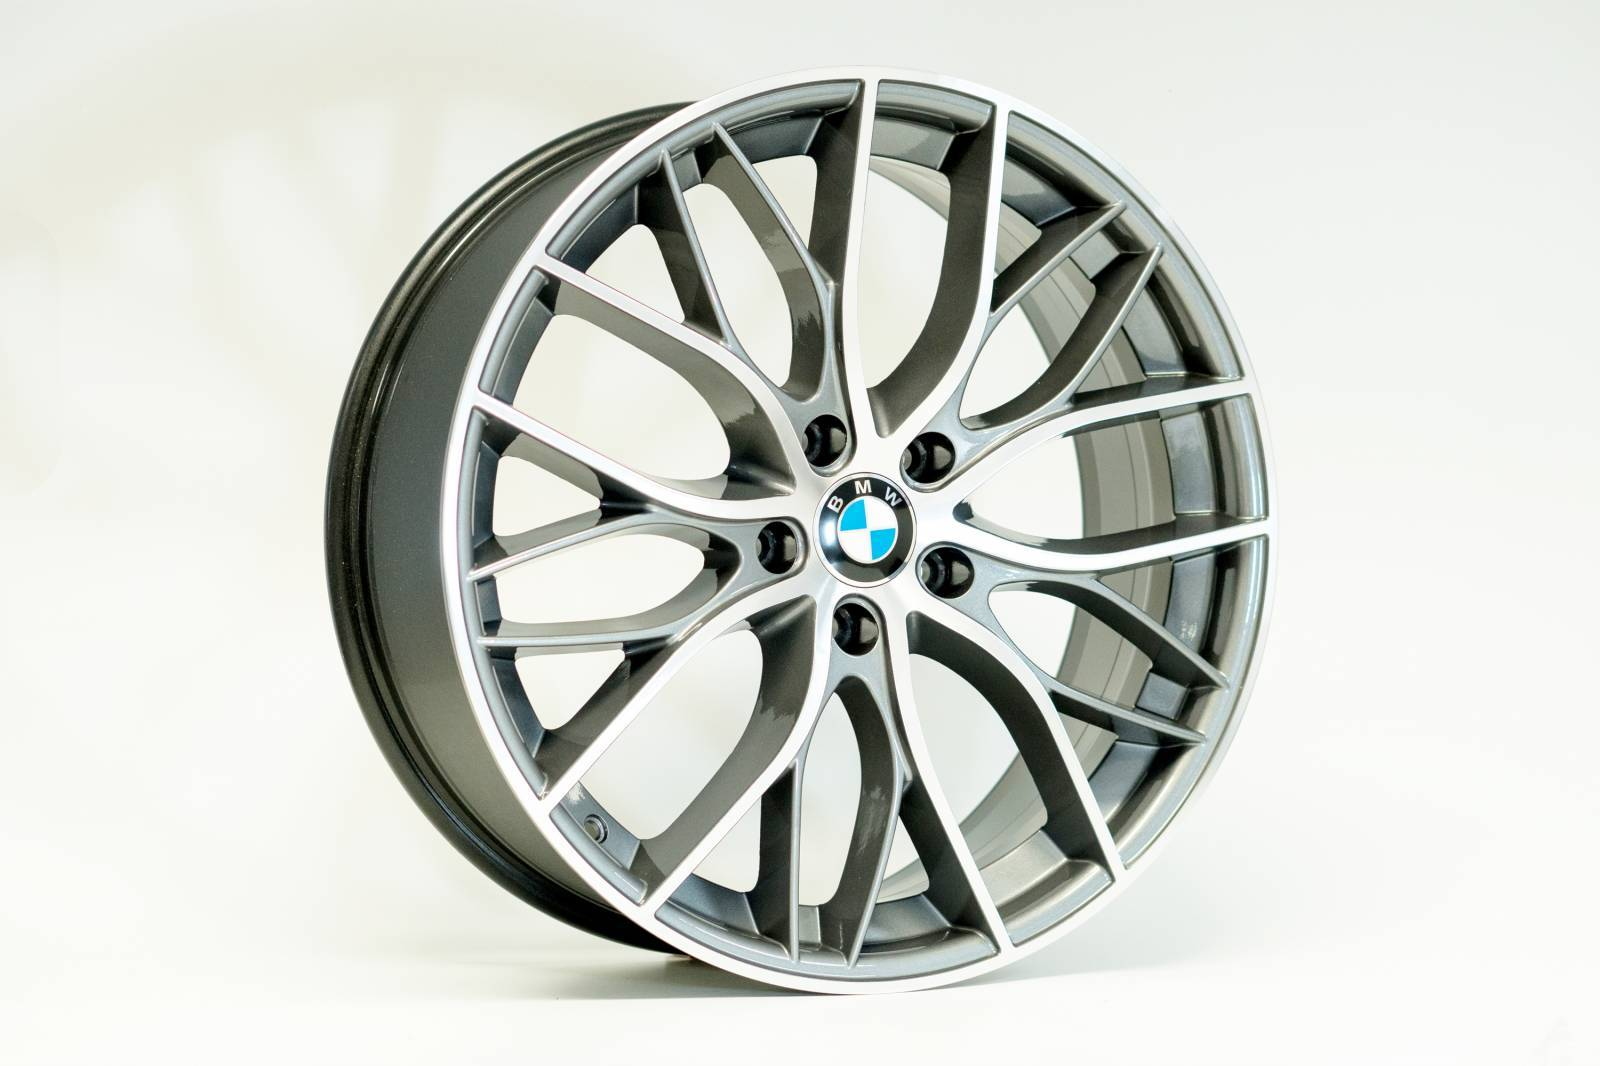 Jogo de 04 Rodas BMW Biturbo KR R54 aro 20 5x120 GD